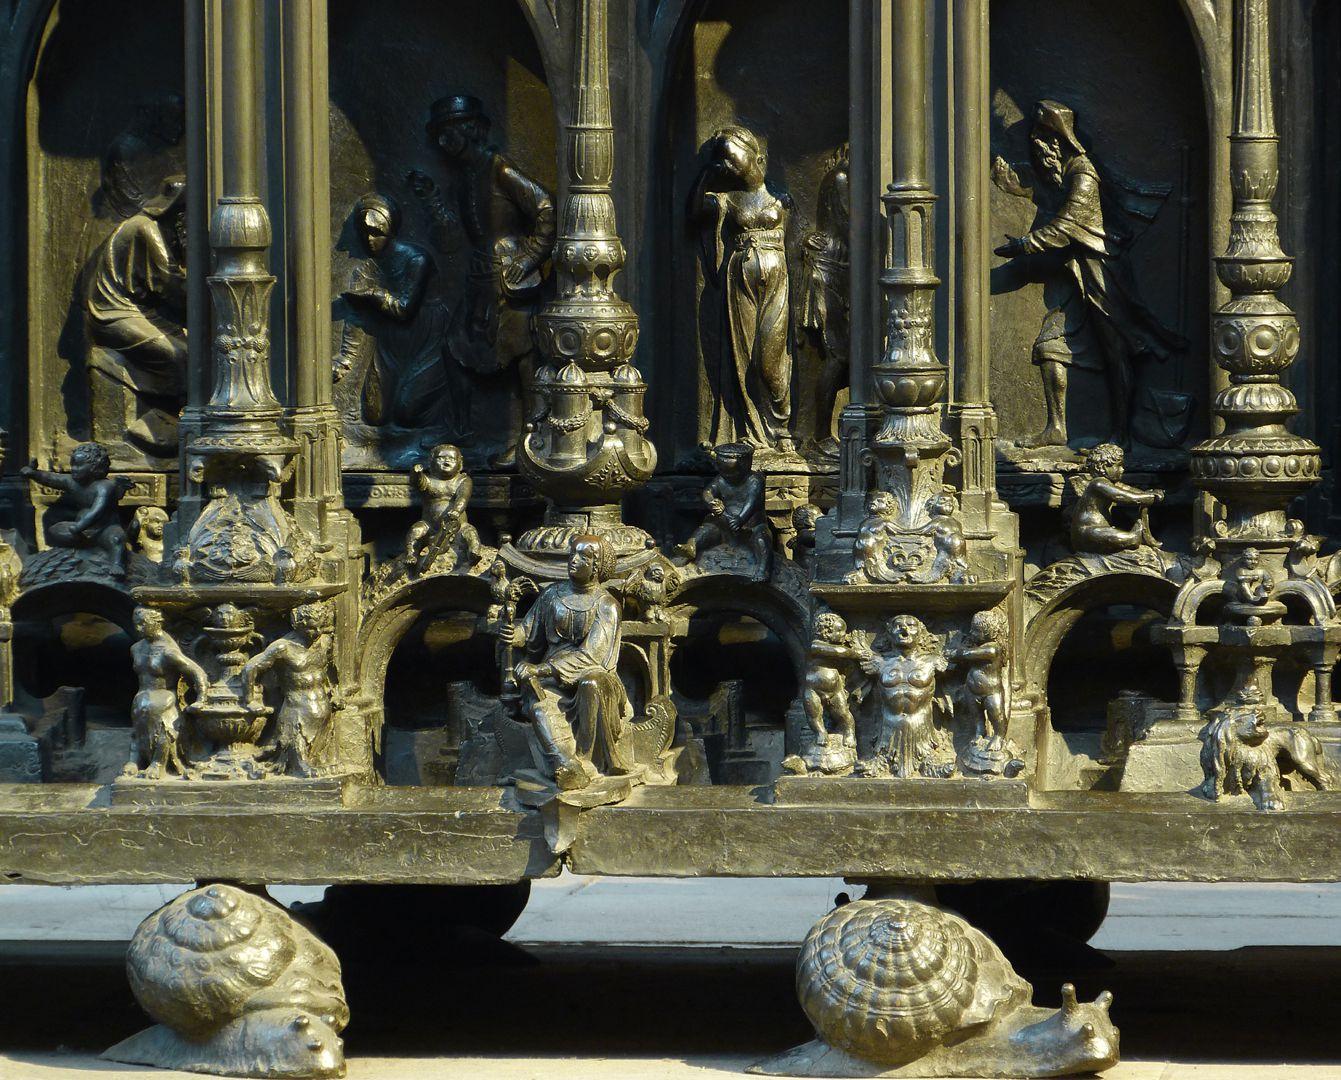 Sebaldusgrab (Nordseite) Mitte des unteren Sockelbereichs mit Gestalt der Klugheit, im Hintergrund Szenen der Sebalduslegende